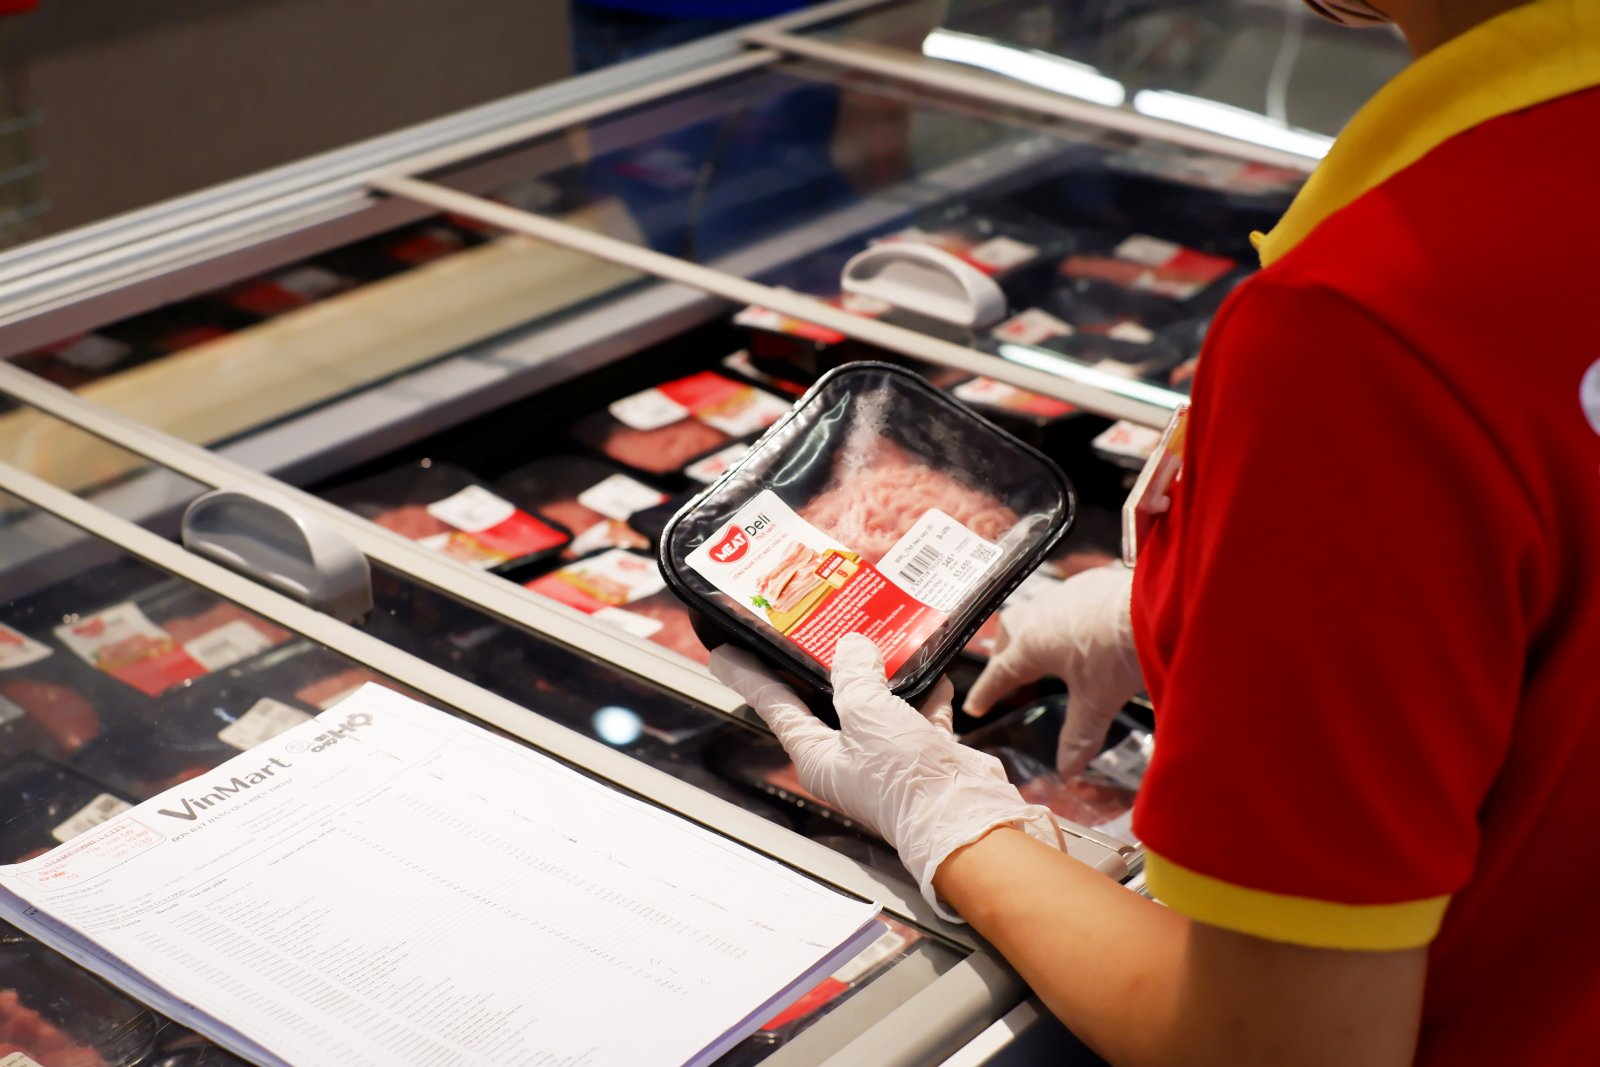 Tính đến cuối Quý 1_2021, thịt mát MEATDeli đã có mặt tại 1.980 điểm bán trên toàn quốc.